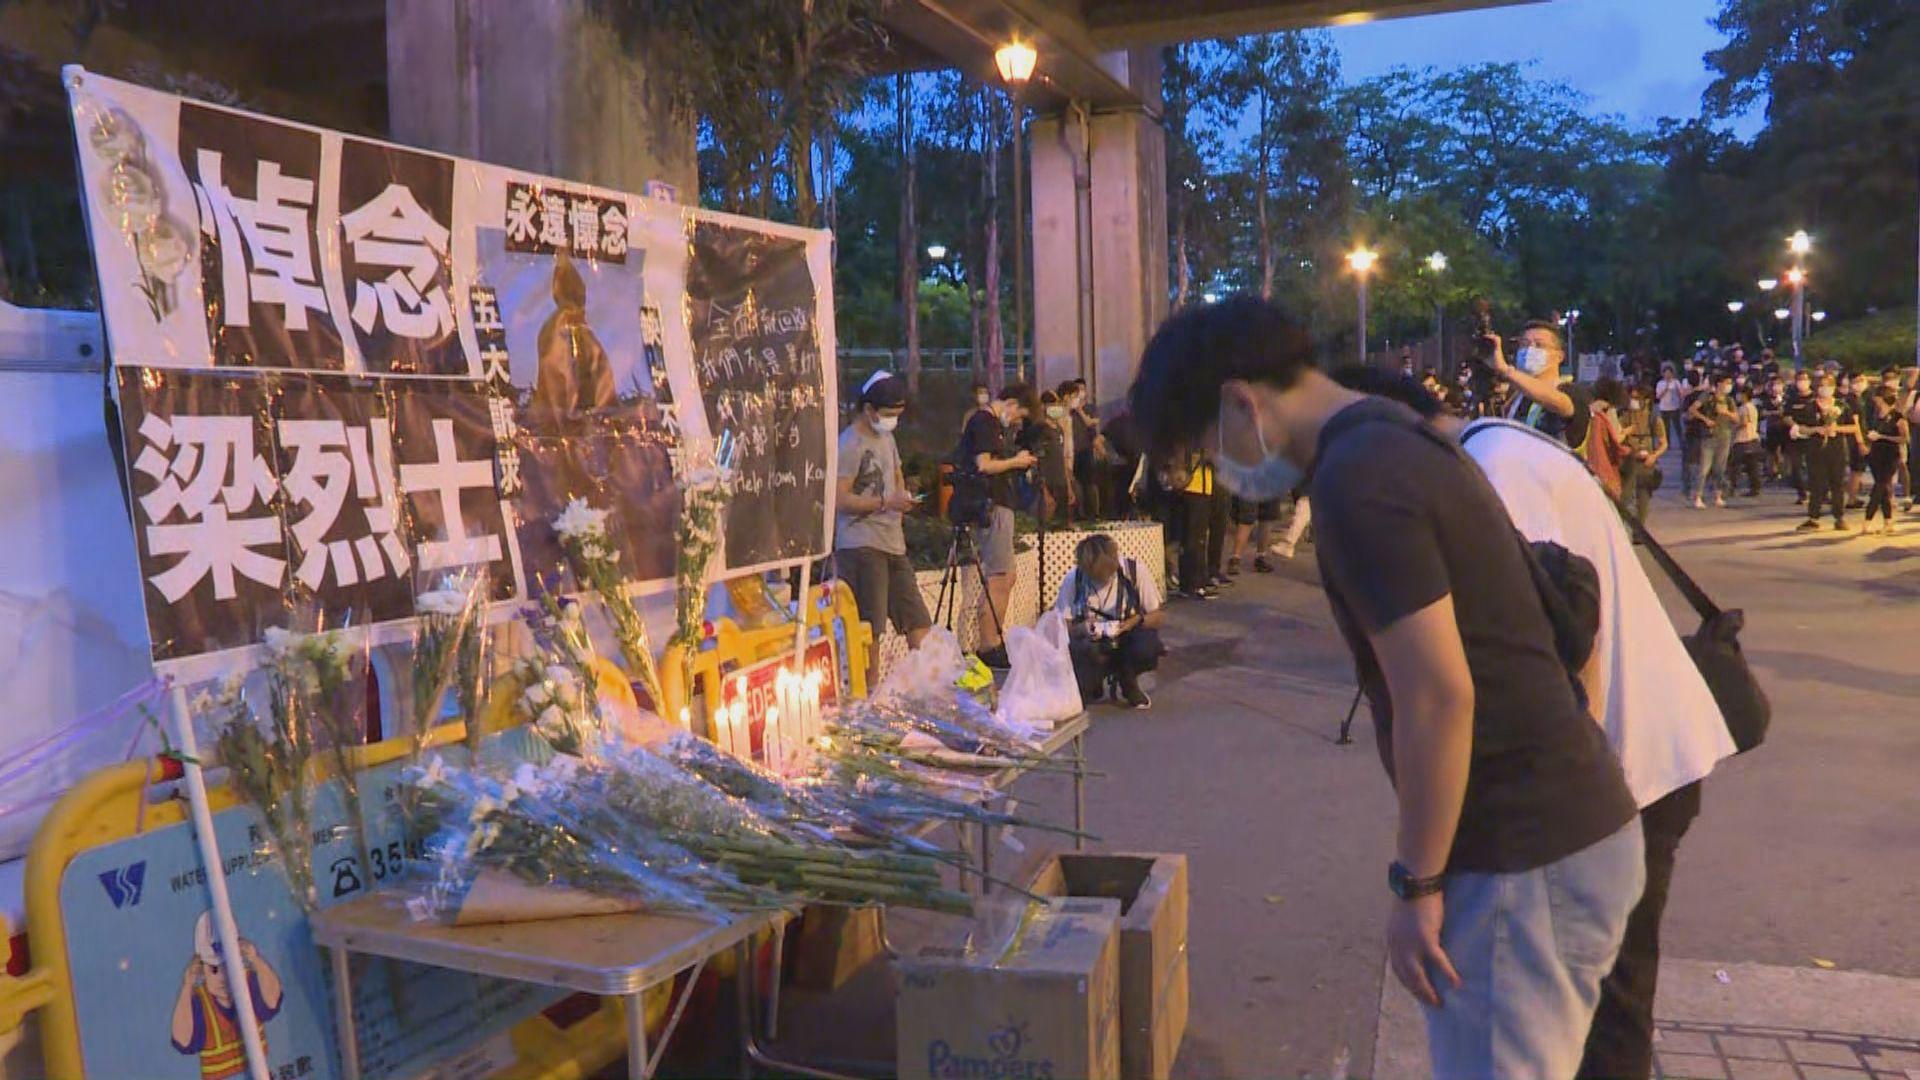 屯門西鐵站外設有祭壇 大批市民獻花及高叫口號